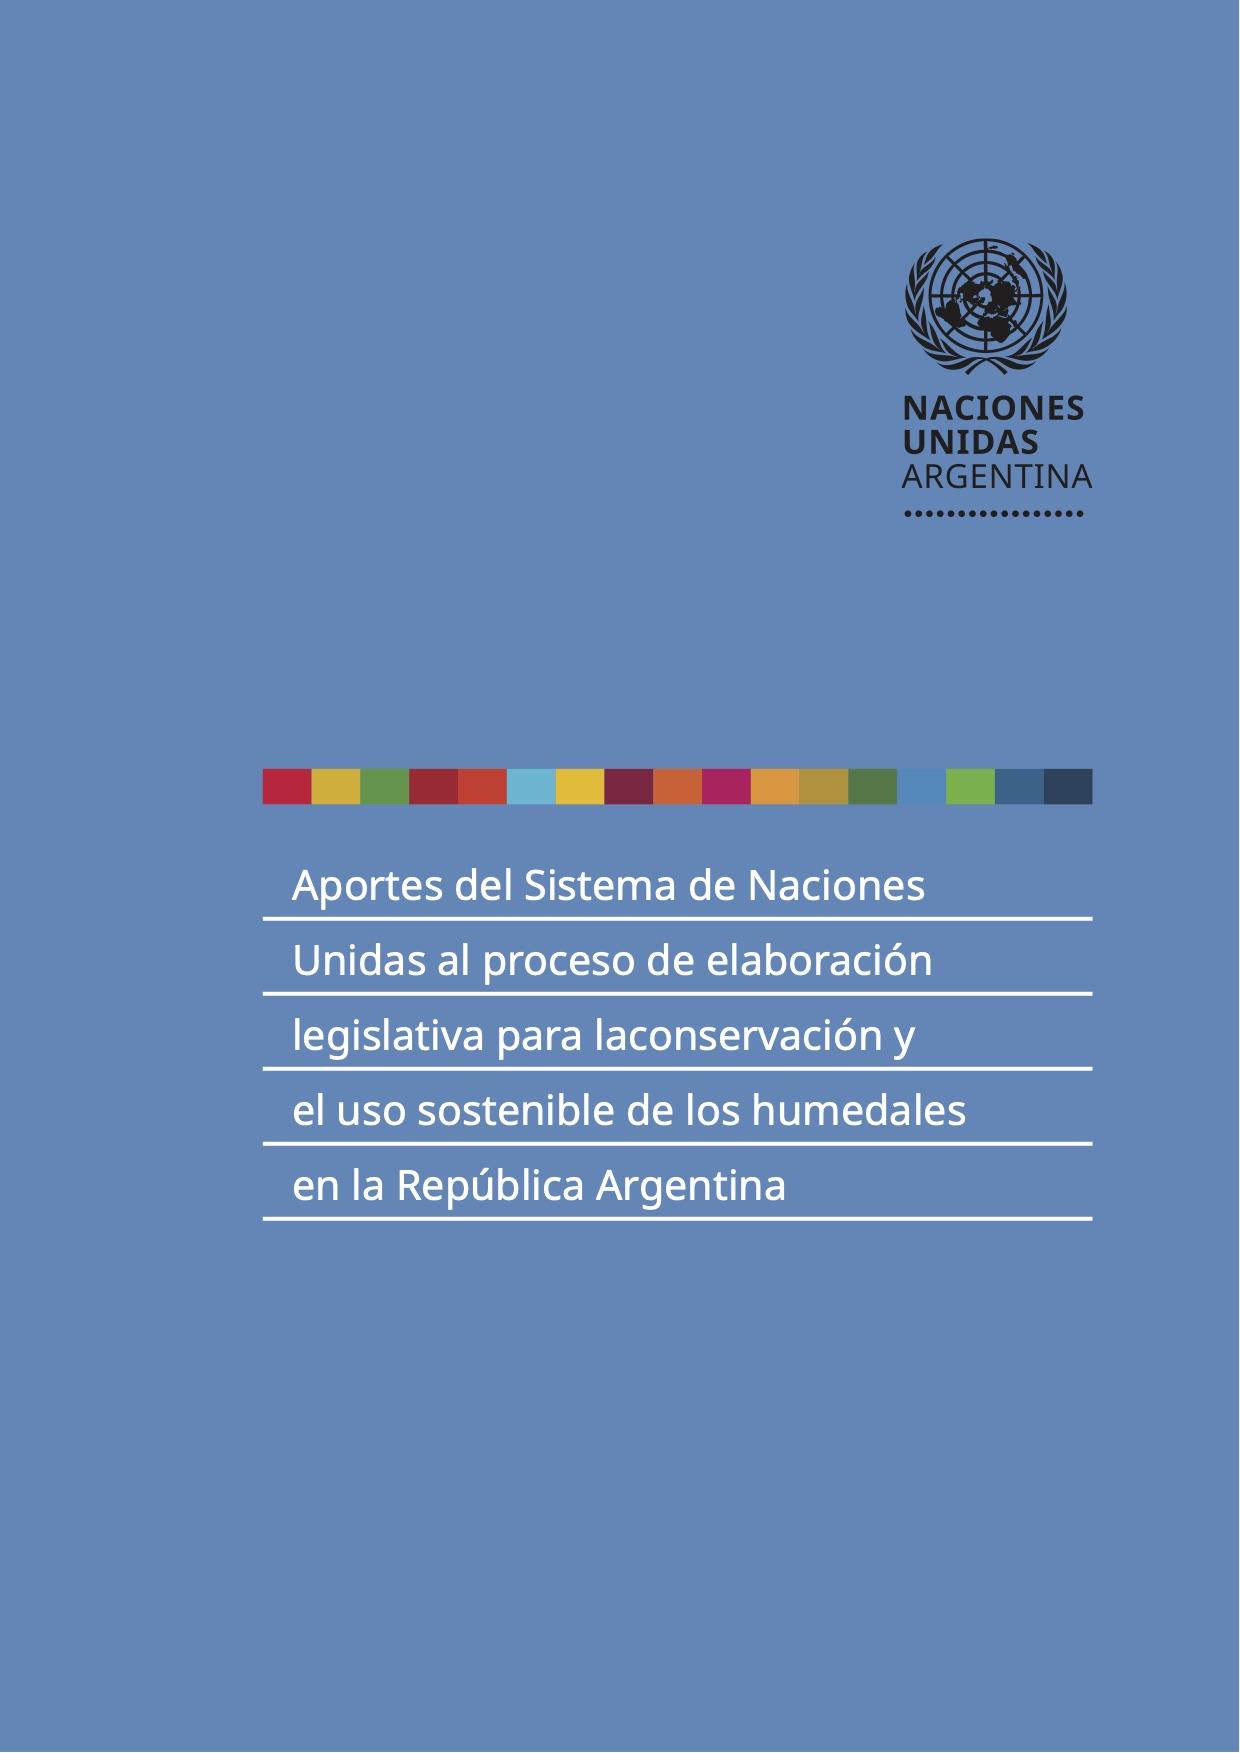 Aportes del Sistema de Naciones Unidas al proceso de elaboración legislativa para la conservación y el uso sostenible de los humedales en la República Argentina